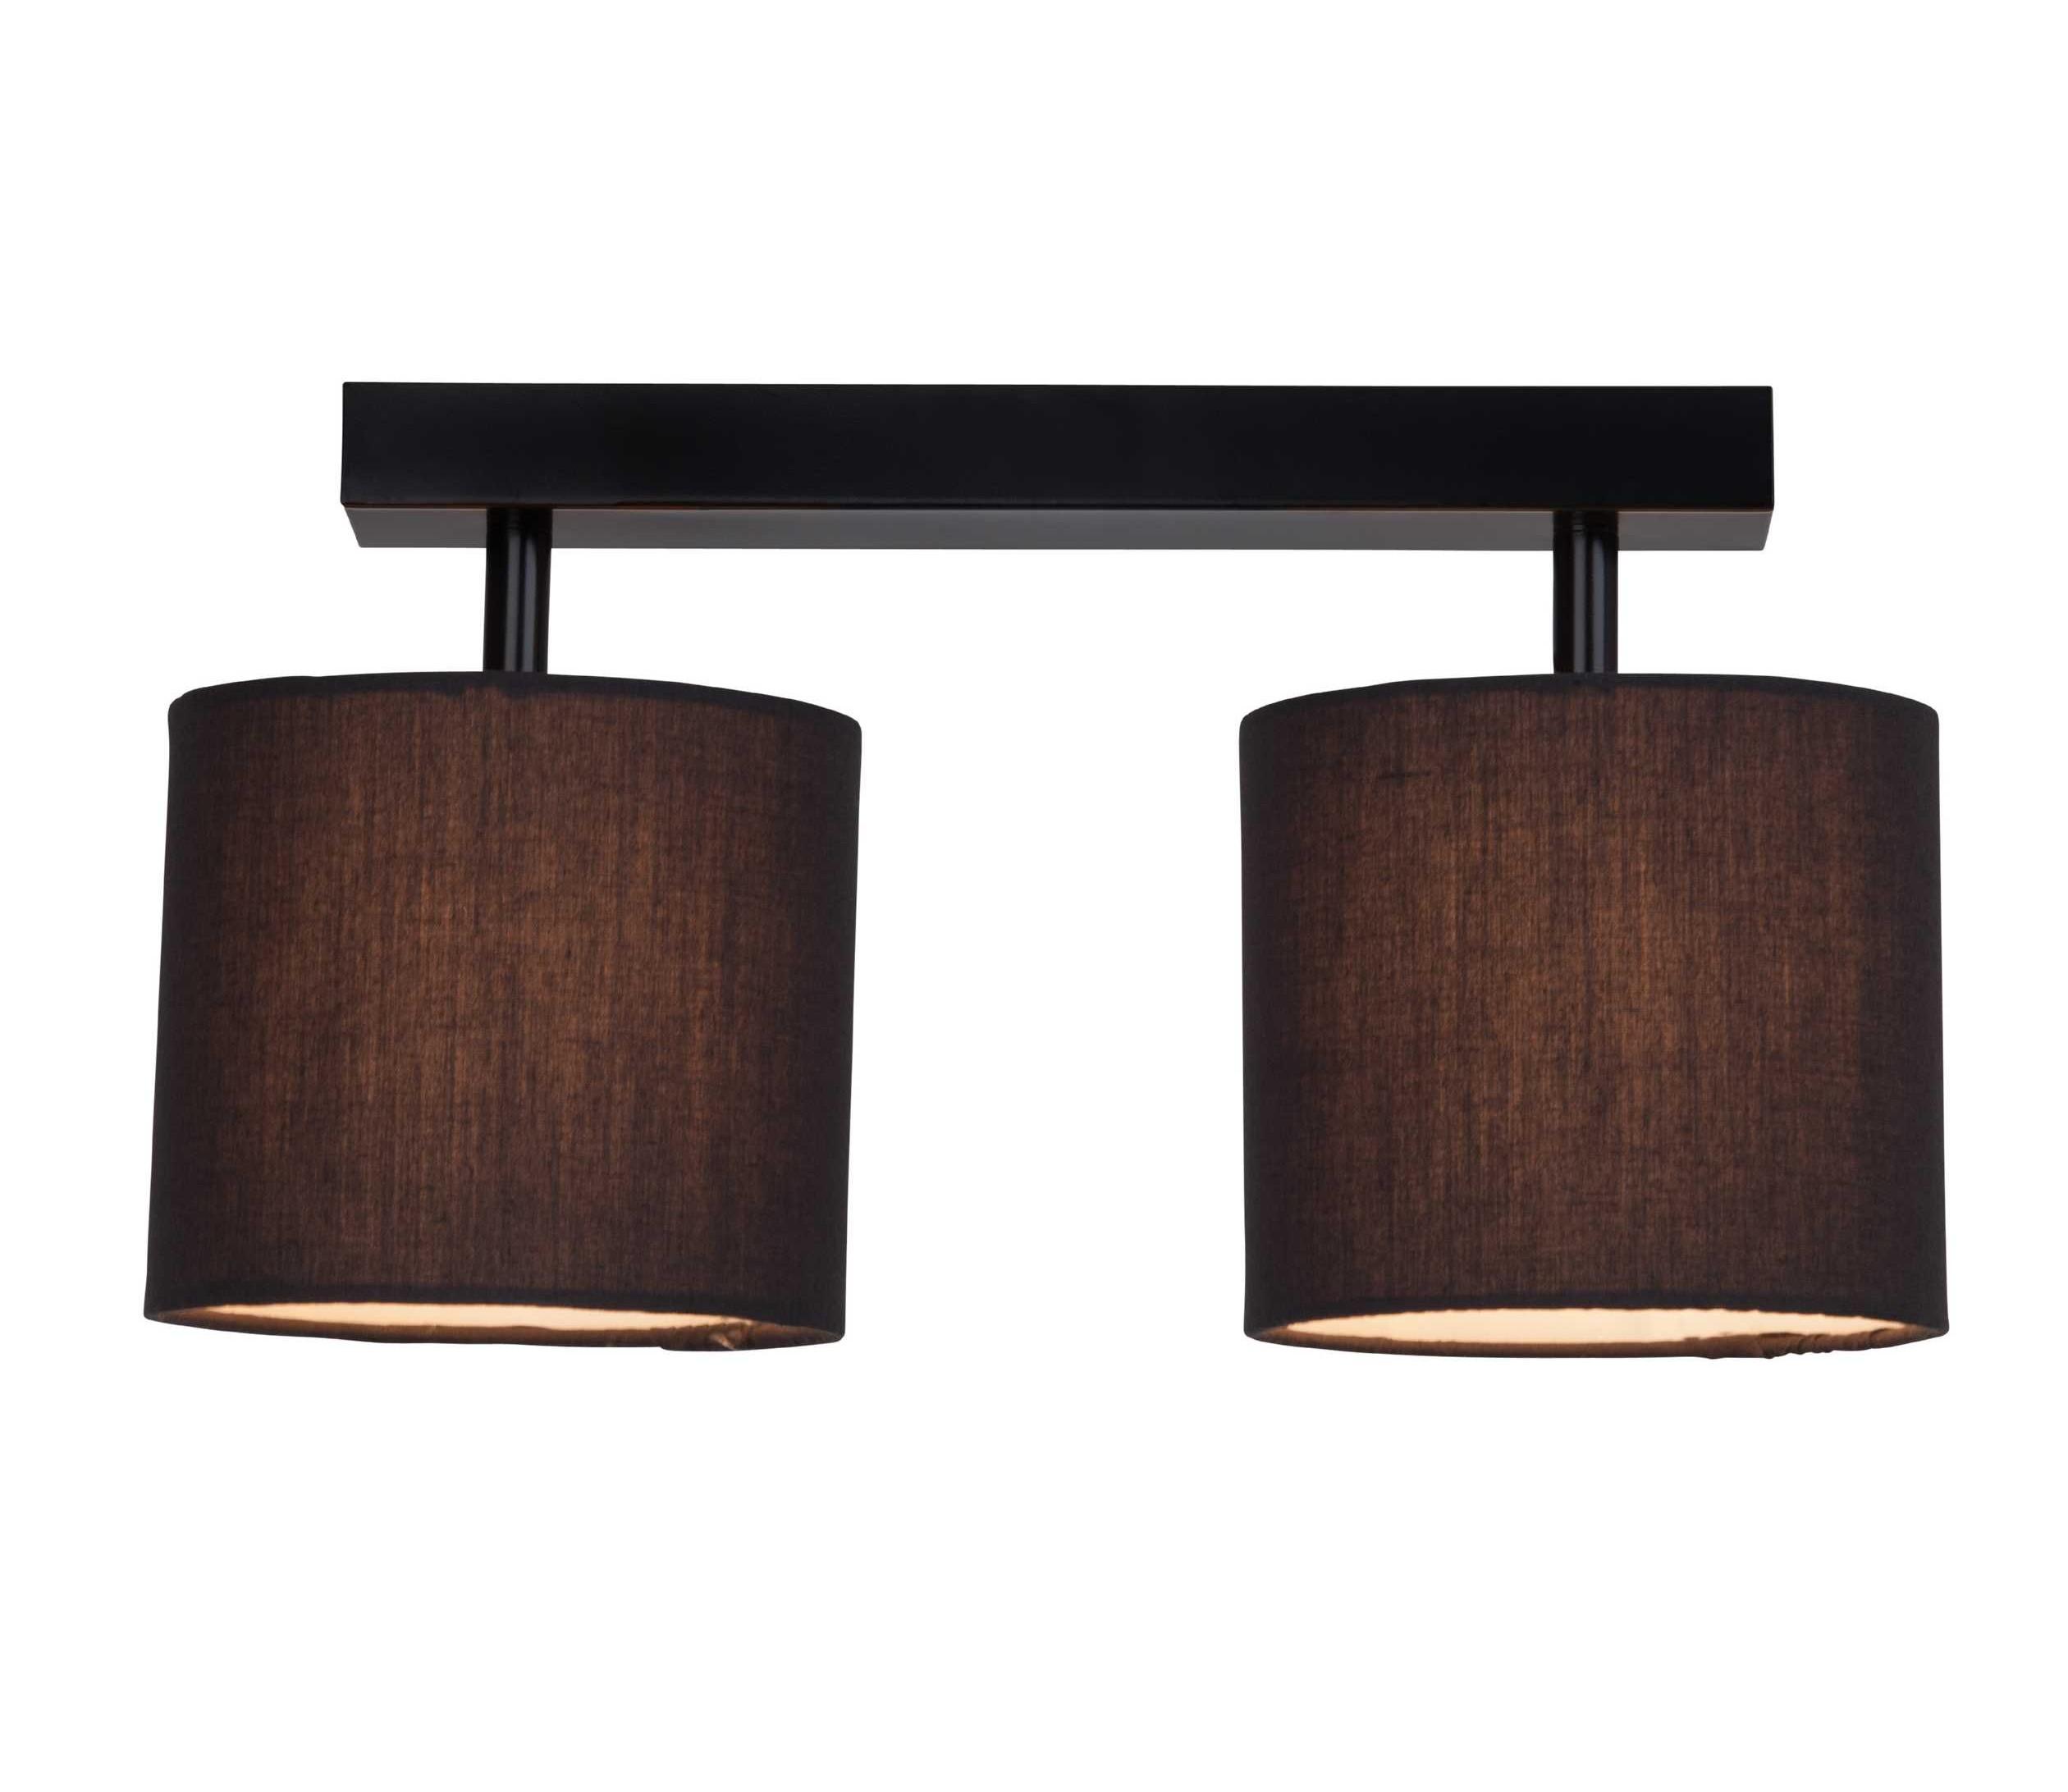 Светильник потолочный SandraПотолочные светильники<br>Материал плафона: текстиль&amp;lt;div&amp;gt;&amp;lt;div&amp;gt;Вид цоколя:G9&amp;lt;/div&amp;gt;&amp;lt;div&amp;gt;Мощность лампы: 40W&amp;lt;/div&amp;gt;&amp;lt;div&amp;gt;Количество ламп: 2&amp;lt;/div&amp;gt;&amp;lt;div&amp;gt;Наличие ламп: да&amp;lt;/div&amp;gt;&amp;lt;/div&amp;gt;&amp;lt;div&amp;gt;&amp;lt;br&amp;gt;&amp;lt;/div&amp;gt;<br><br>Material: Металл<br>Width см: 34,5<br>Depth см: 13,5<br>Height см: 19